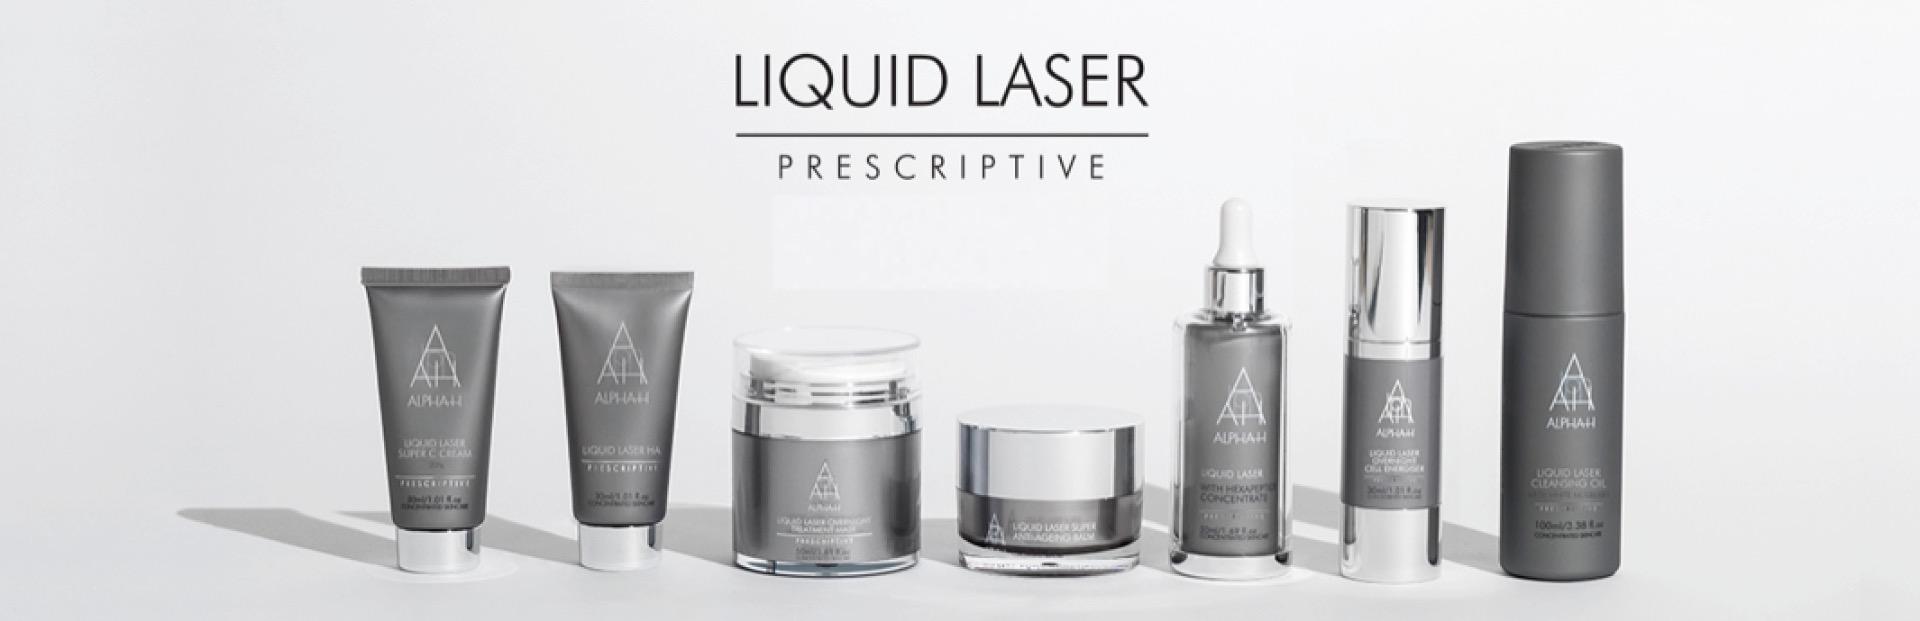 Liquid Laser Prescriptive